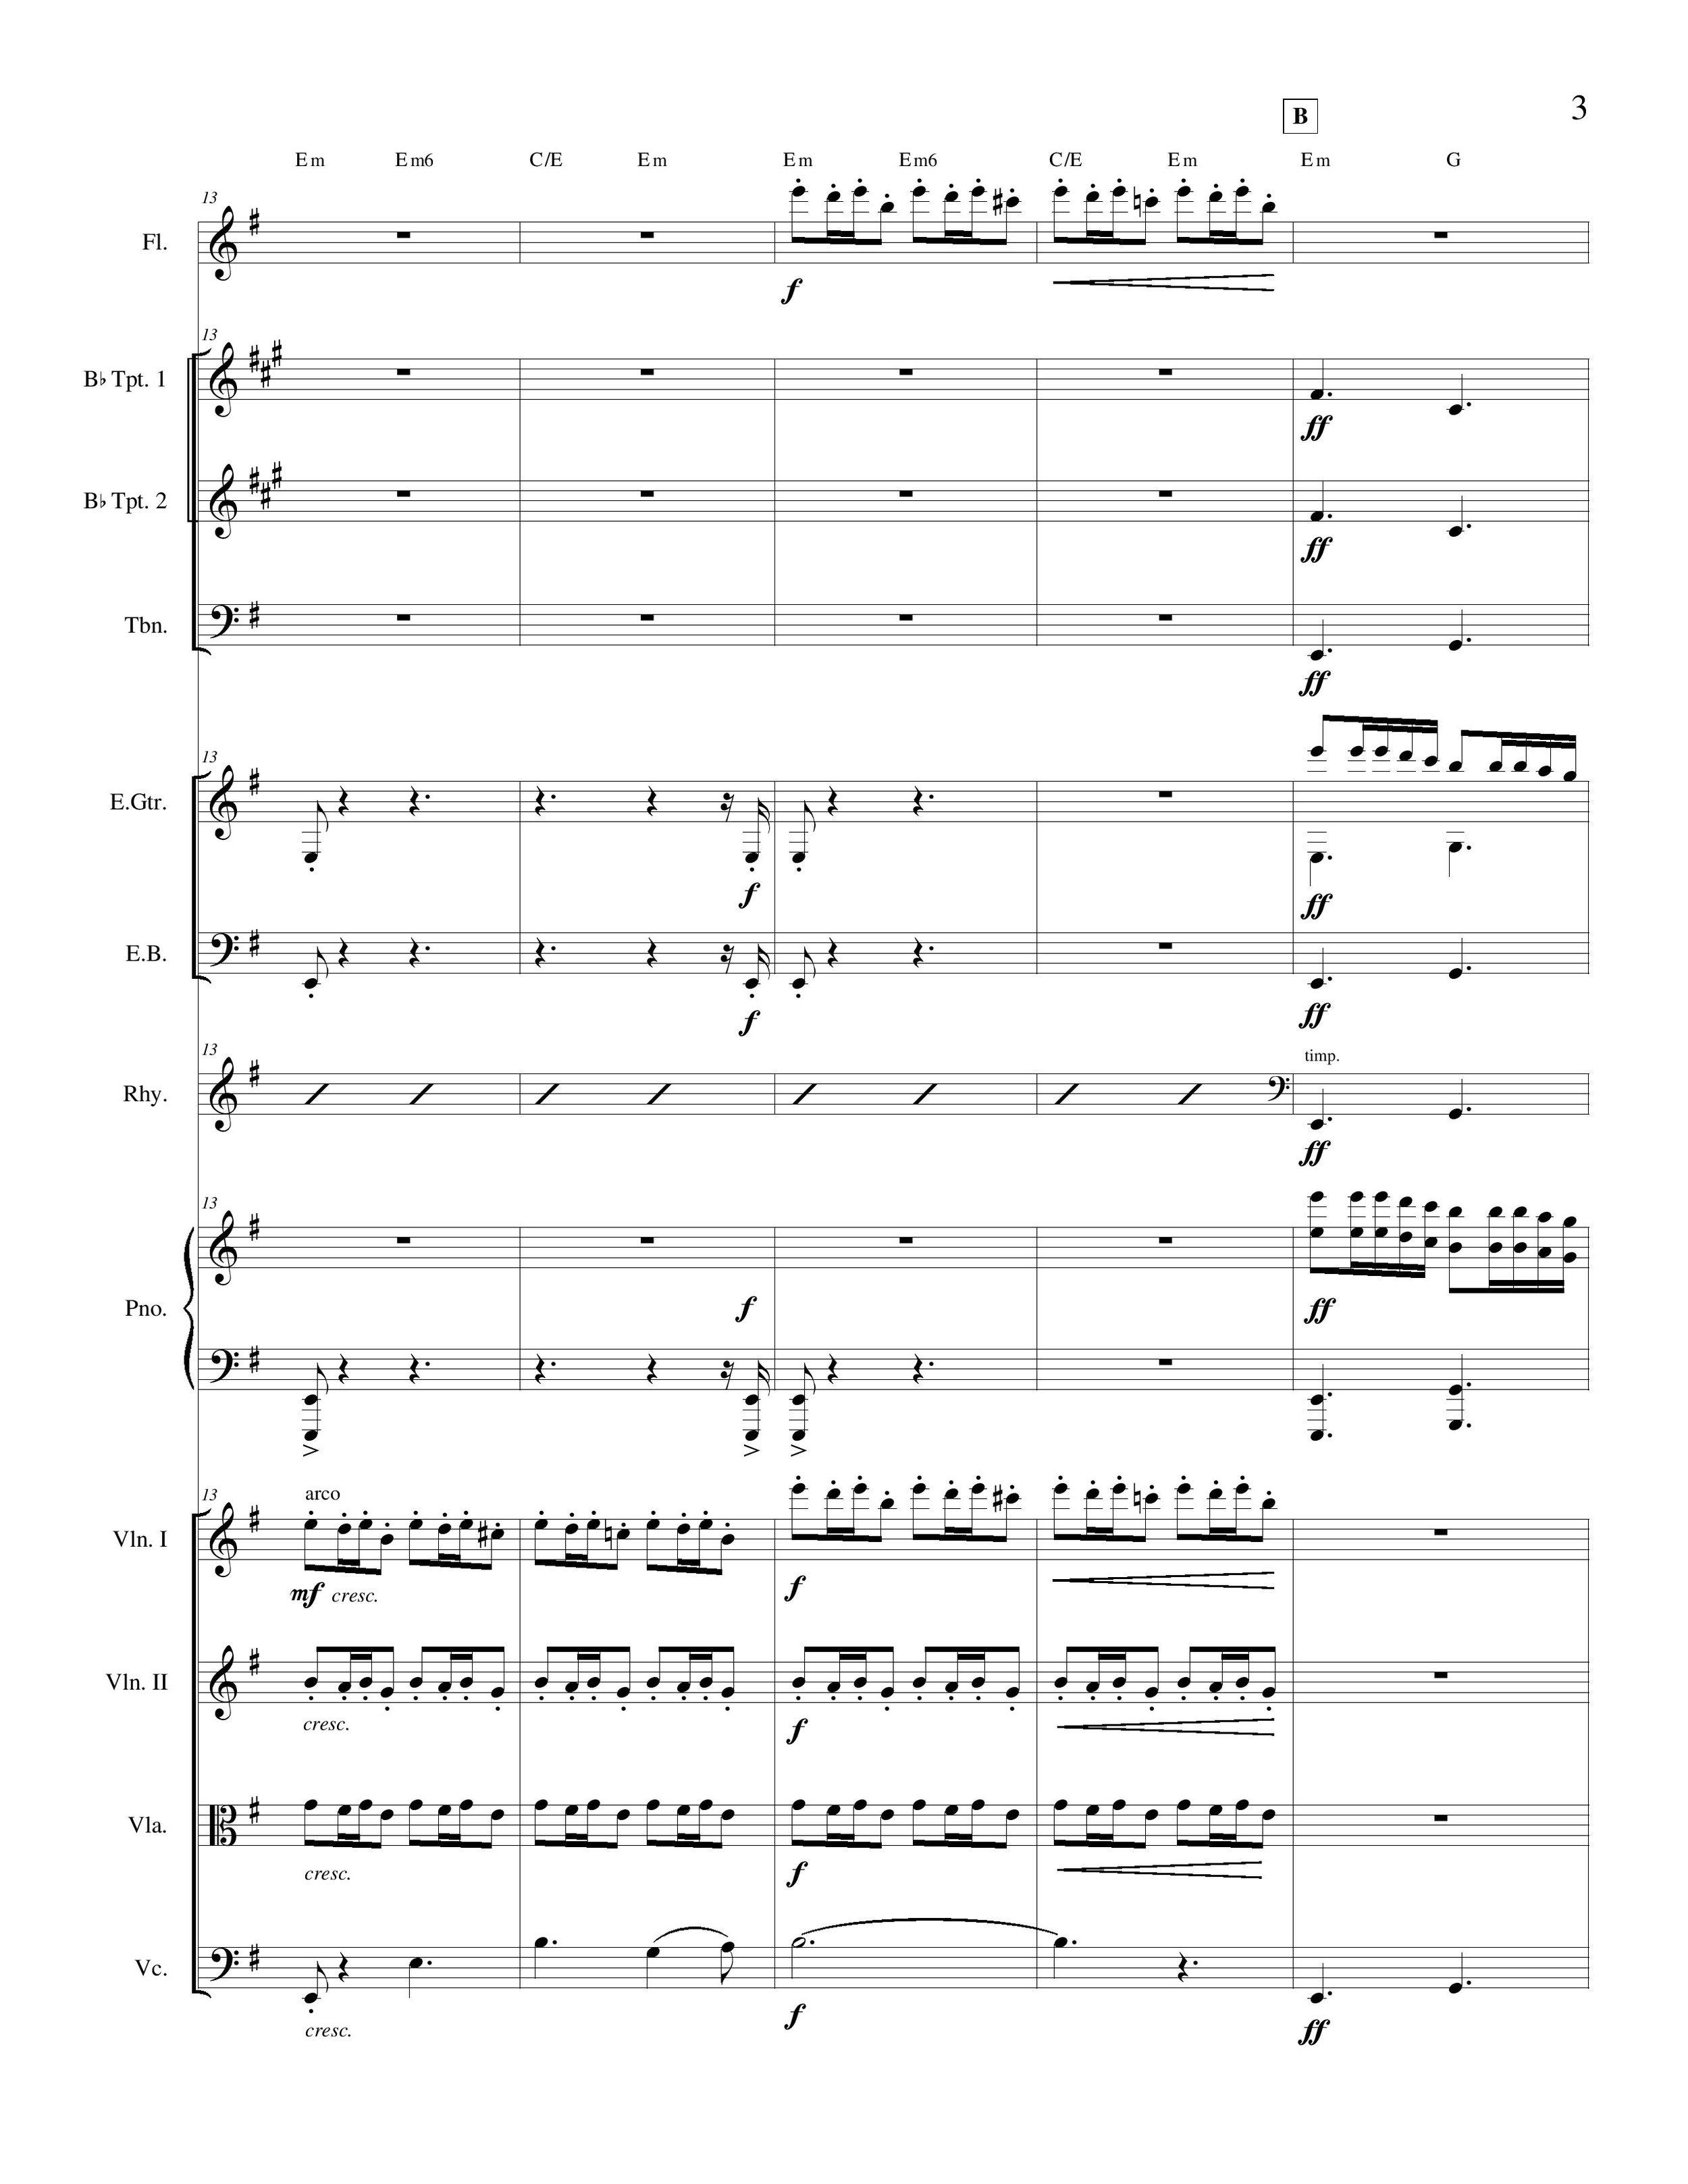 Christmas Overture - Score_03.jpg